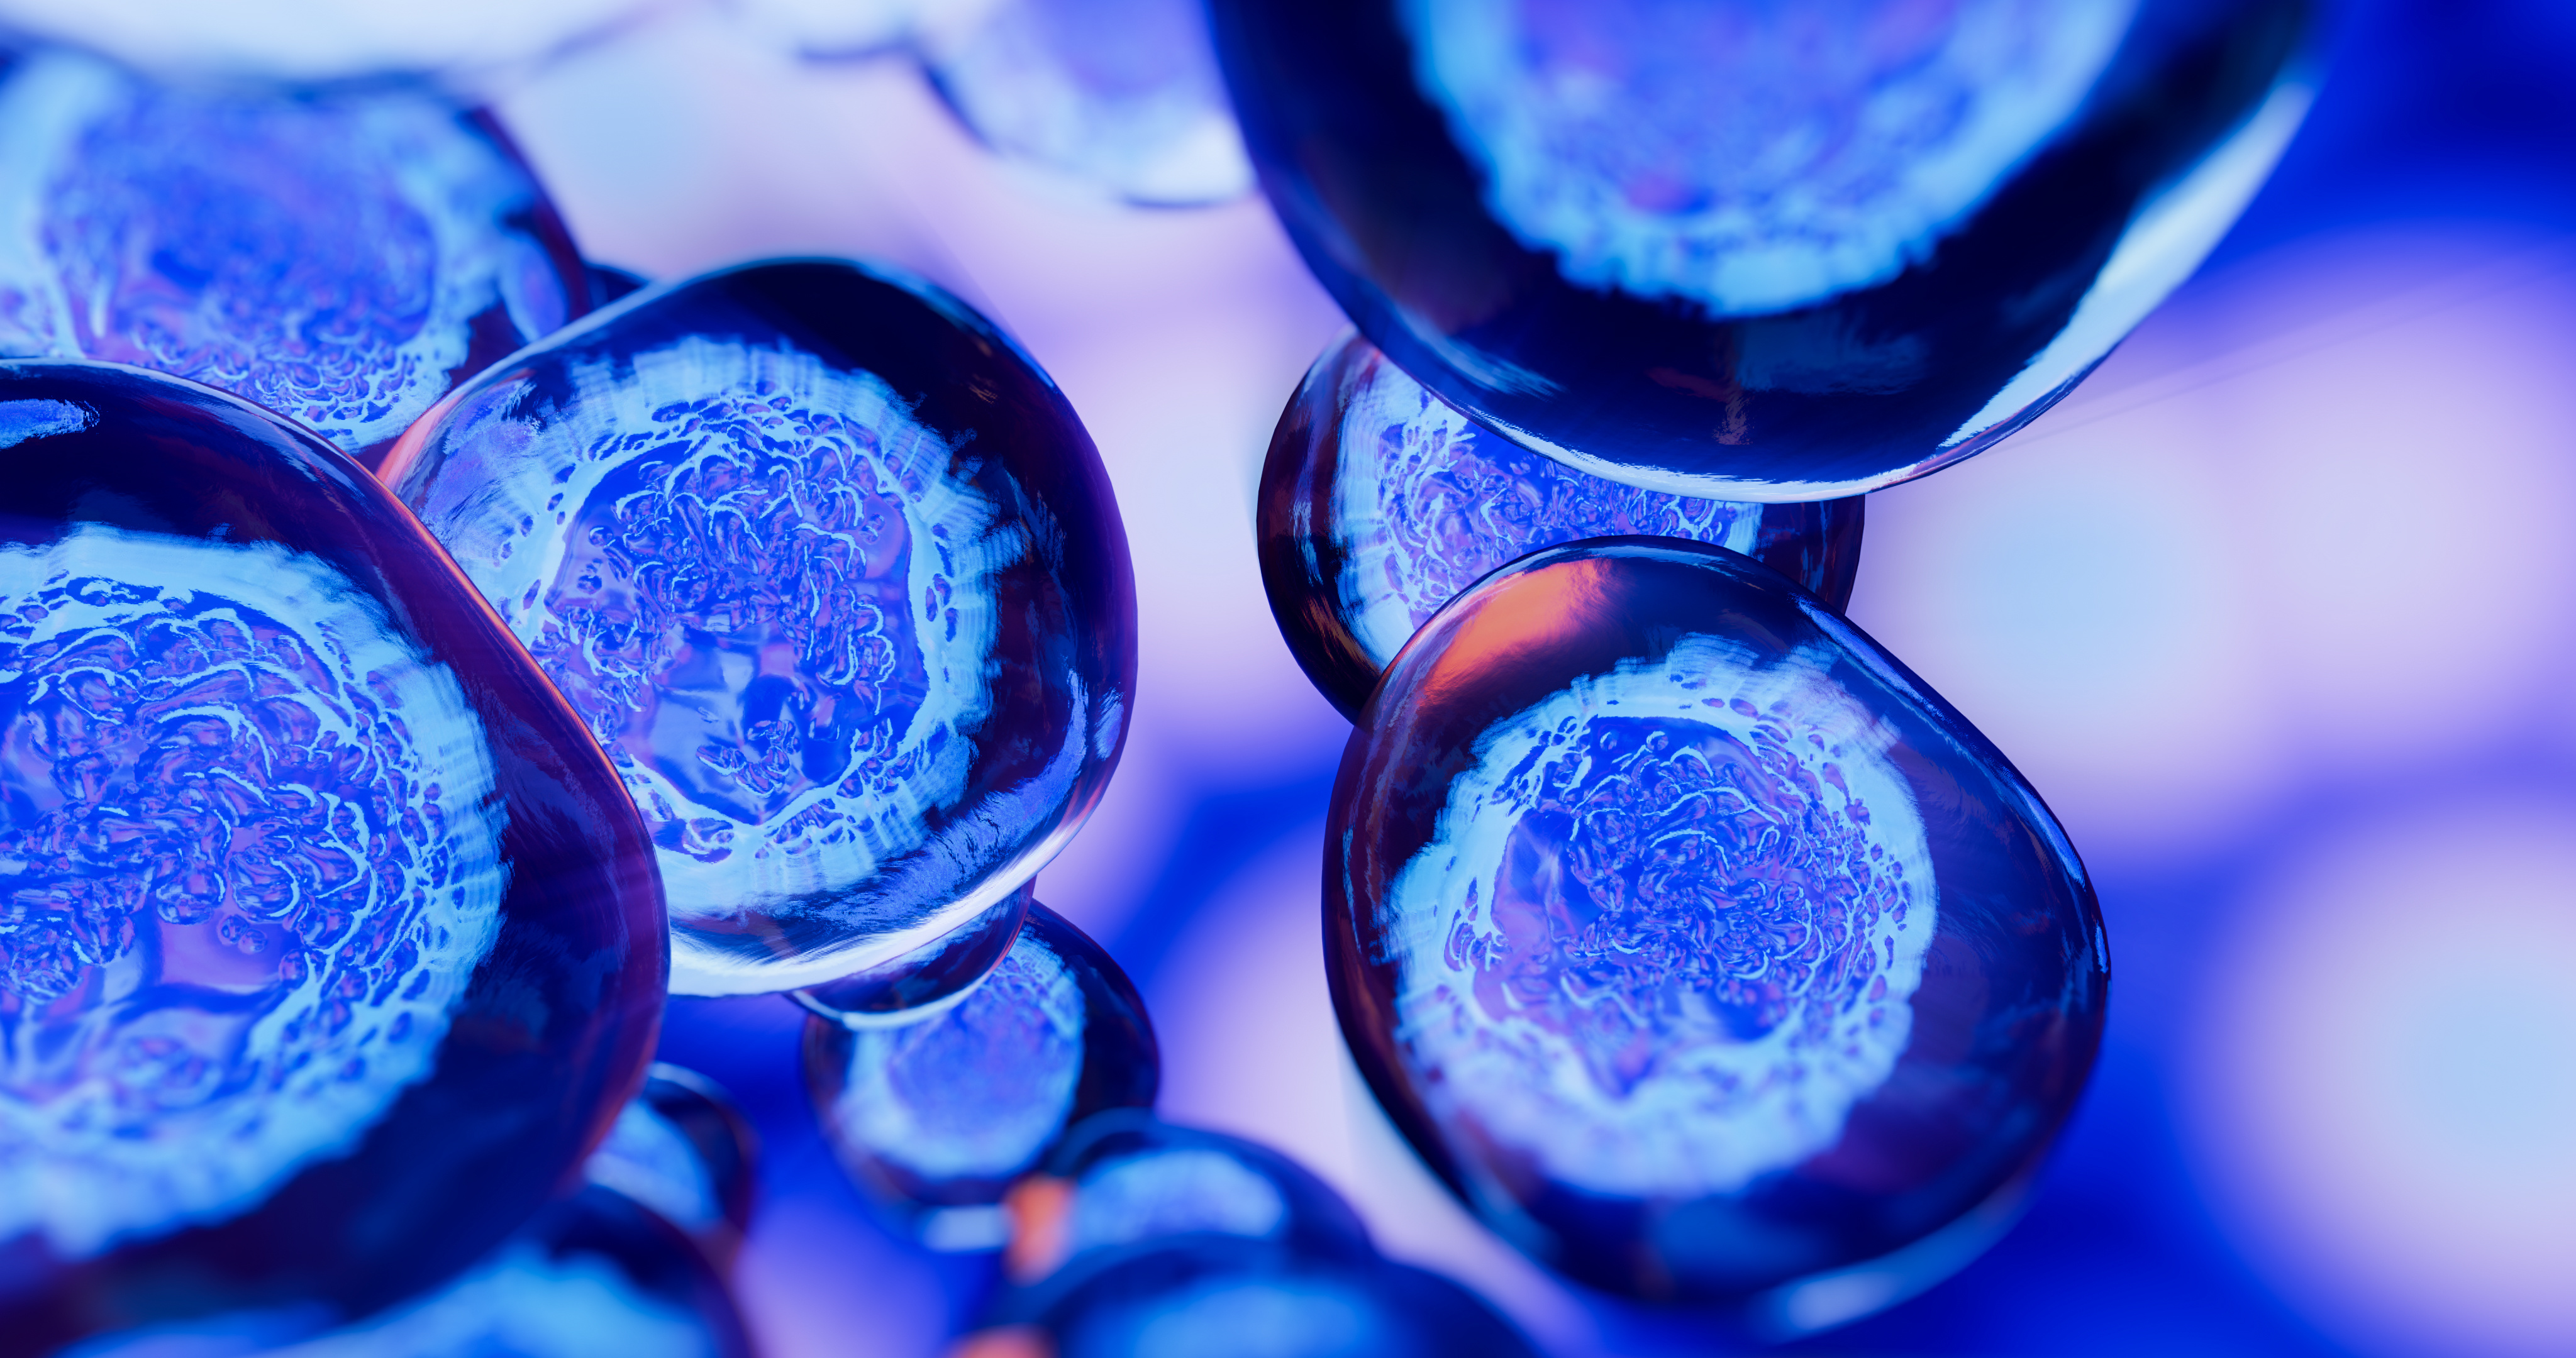 Cibler 2 voies biologiques à la fois induit 1 effet synergique et promet des thérapies anti-âge encore plus efficaces